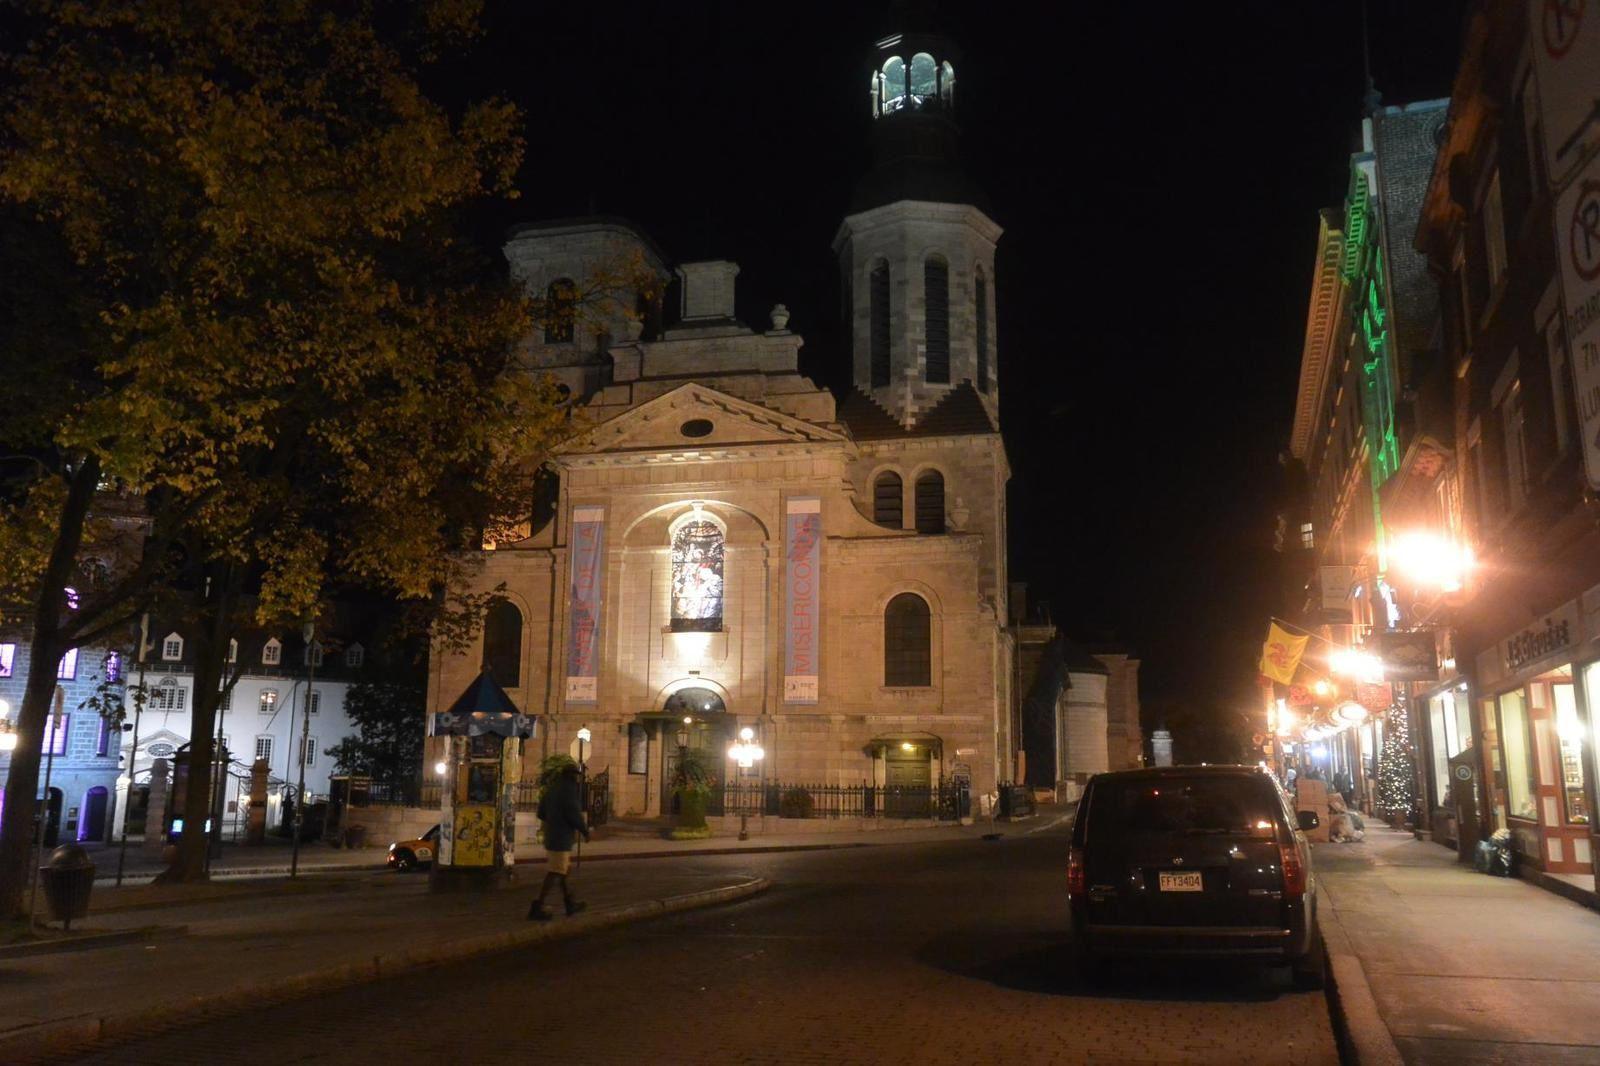 """Voyage : Une soirée à Québec avec les lumières et le """"QUEEN MARY 2"""" à quai."""